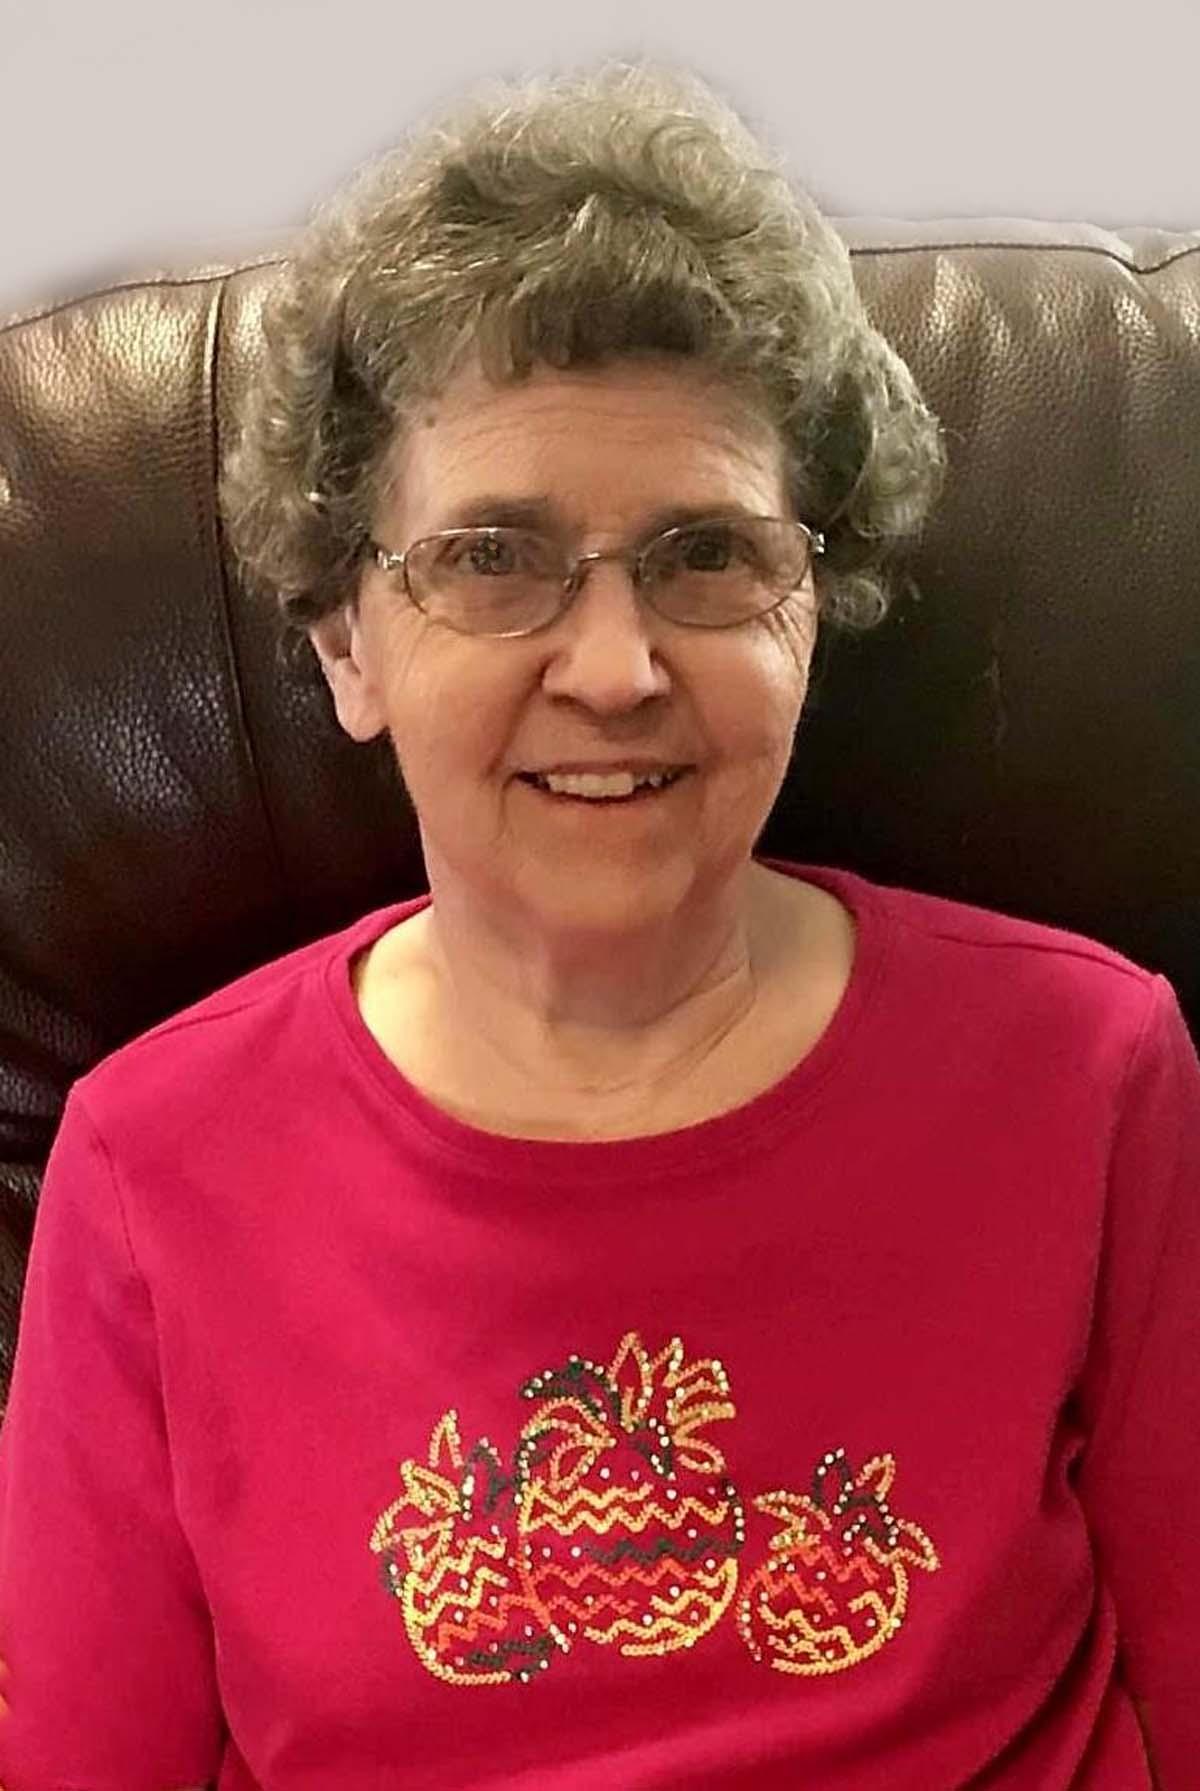 Evelyn Waltman, 90